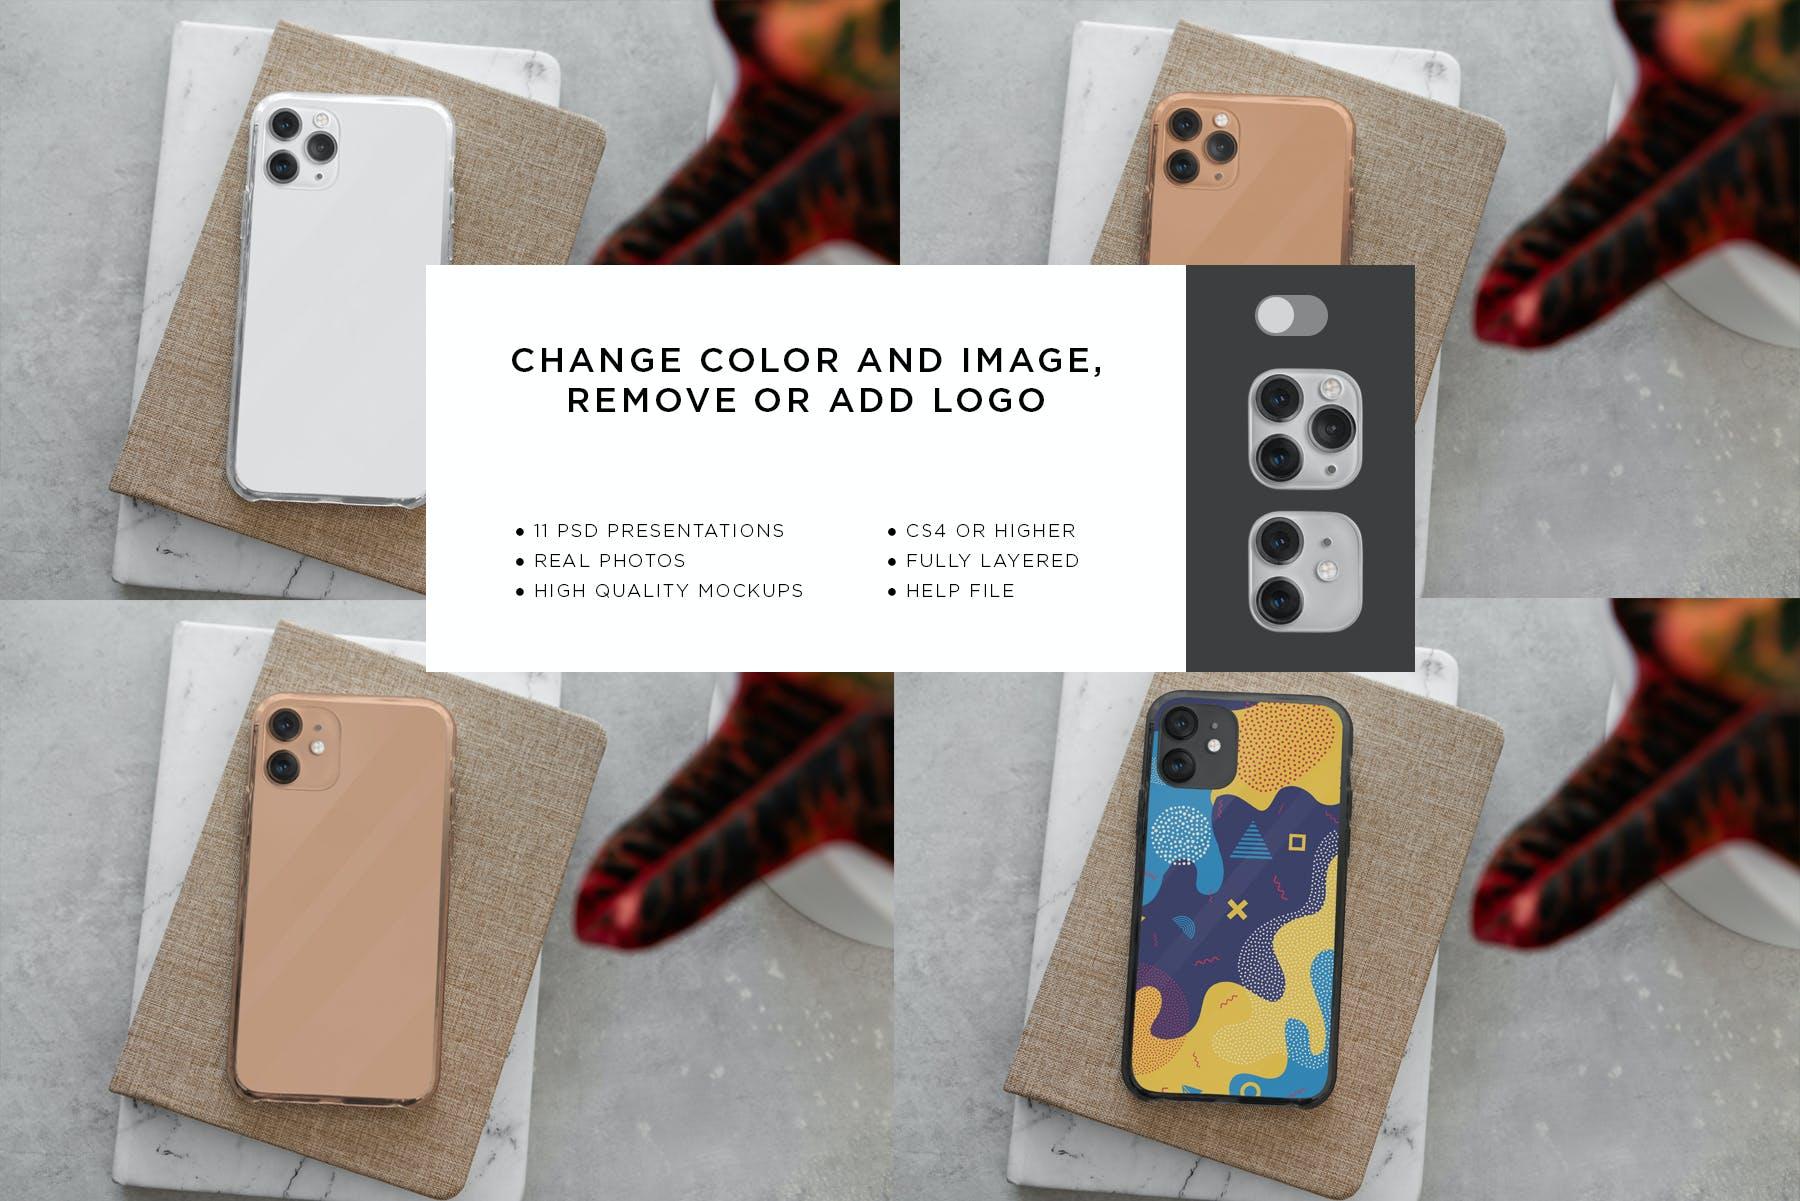 11款Phone 11/Pro智能手机壳外观设计展示样机模板 Phone 11/Pro Clear Case Mockup插图(12)